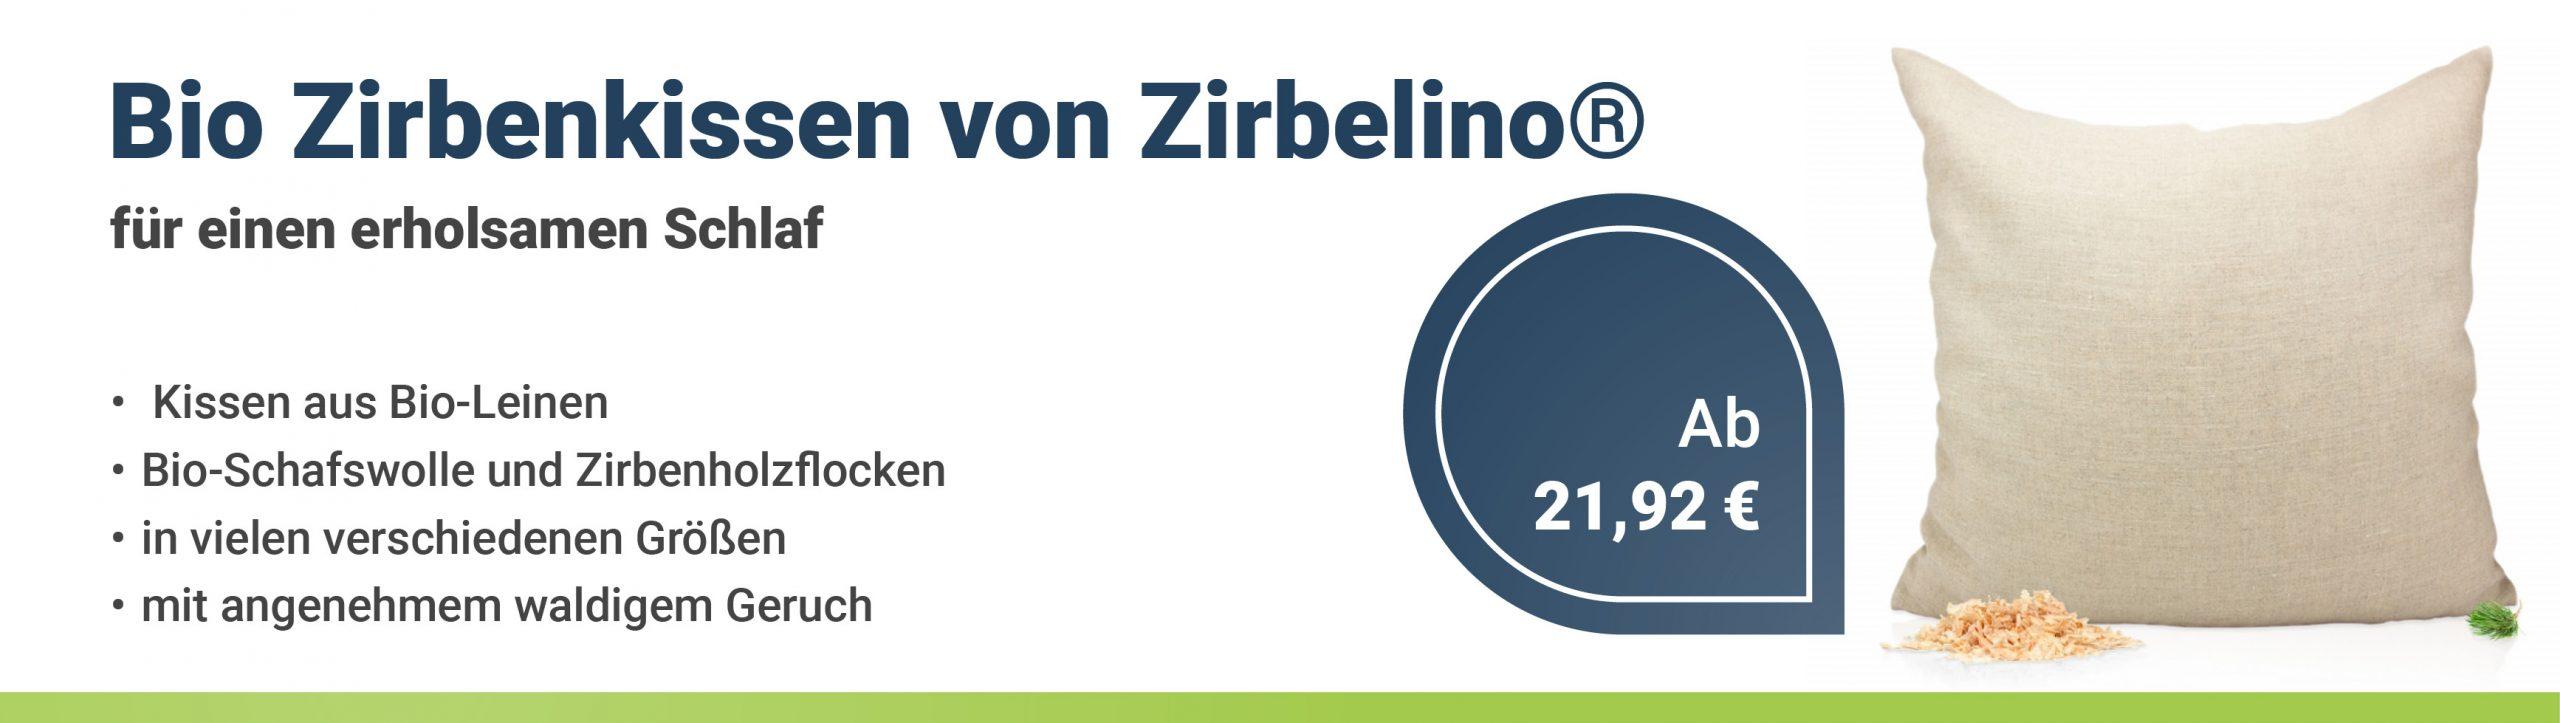 https://www.health-rise.de/wp-content/uploads/2021/09/Zirbenkissen_mobil.jpg